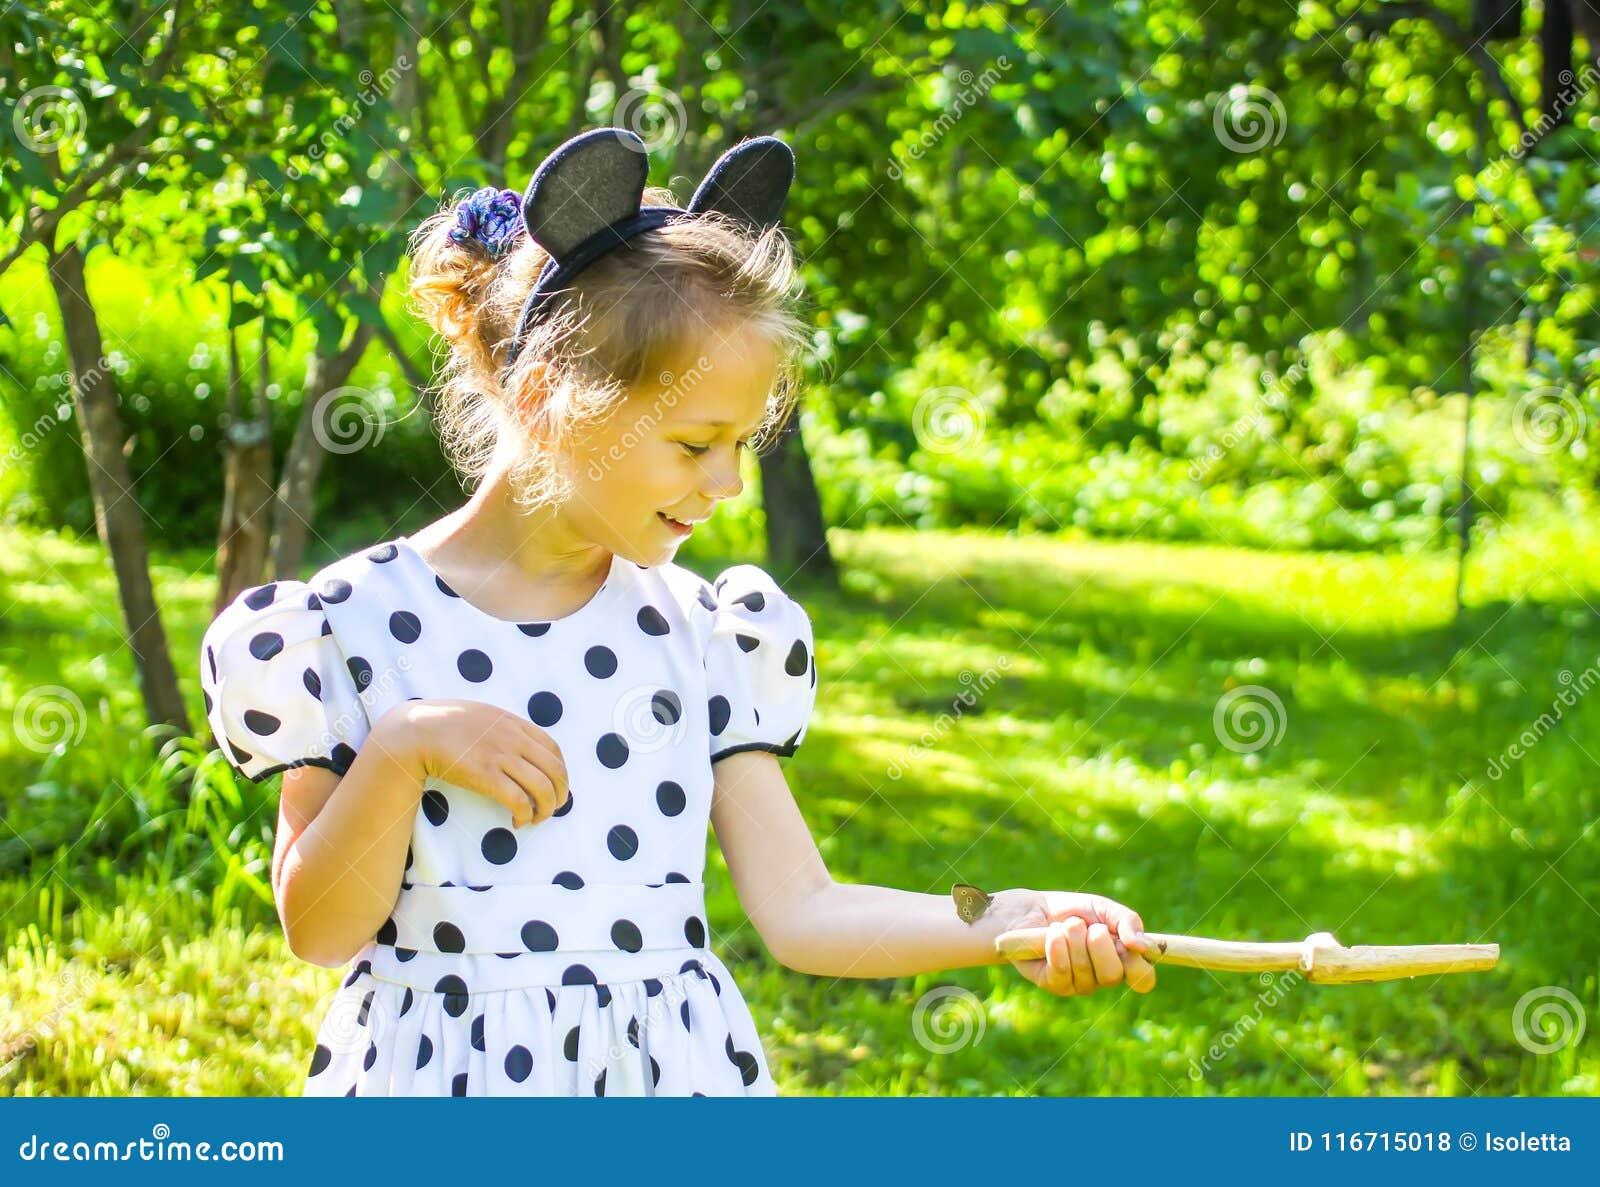 Meisje in de zomerpark met kleine vlinderzitting op haar hand